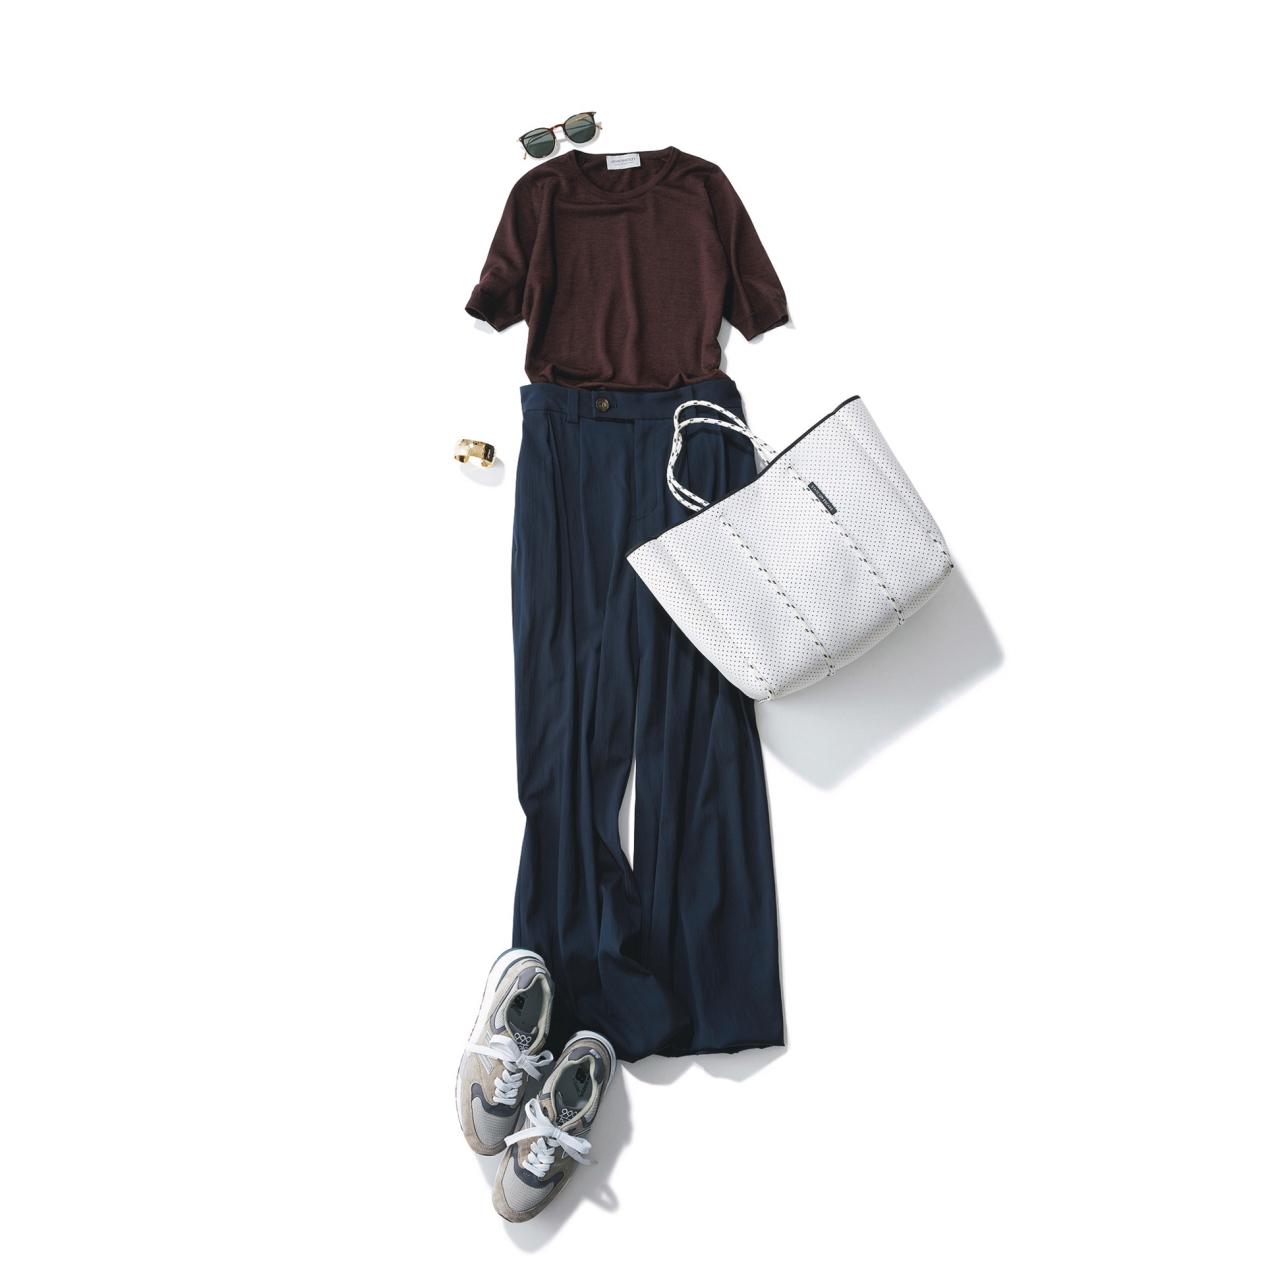 ネイビーパンツ×スニーカーのファッションコーデ